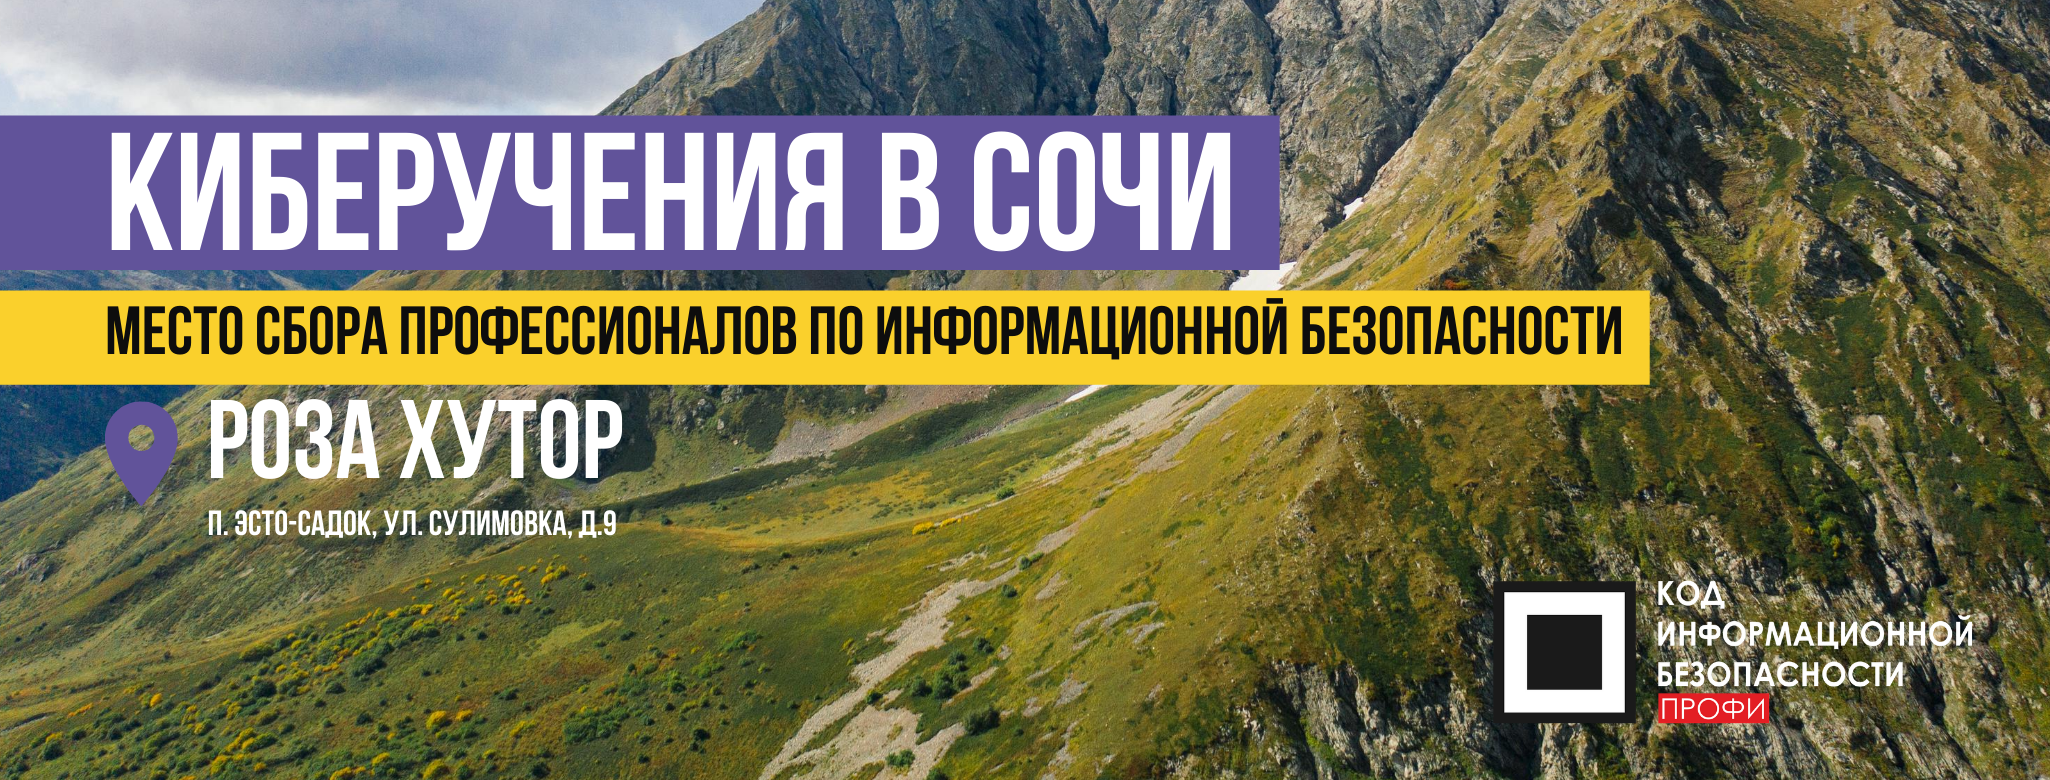 Киберучения в Сочи для профессионалов отрасли информационной безопасности 13-14 августа всё-таки состоятся